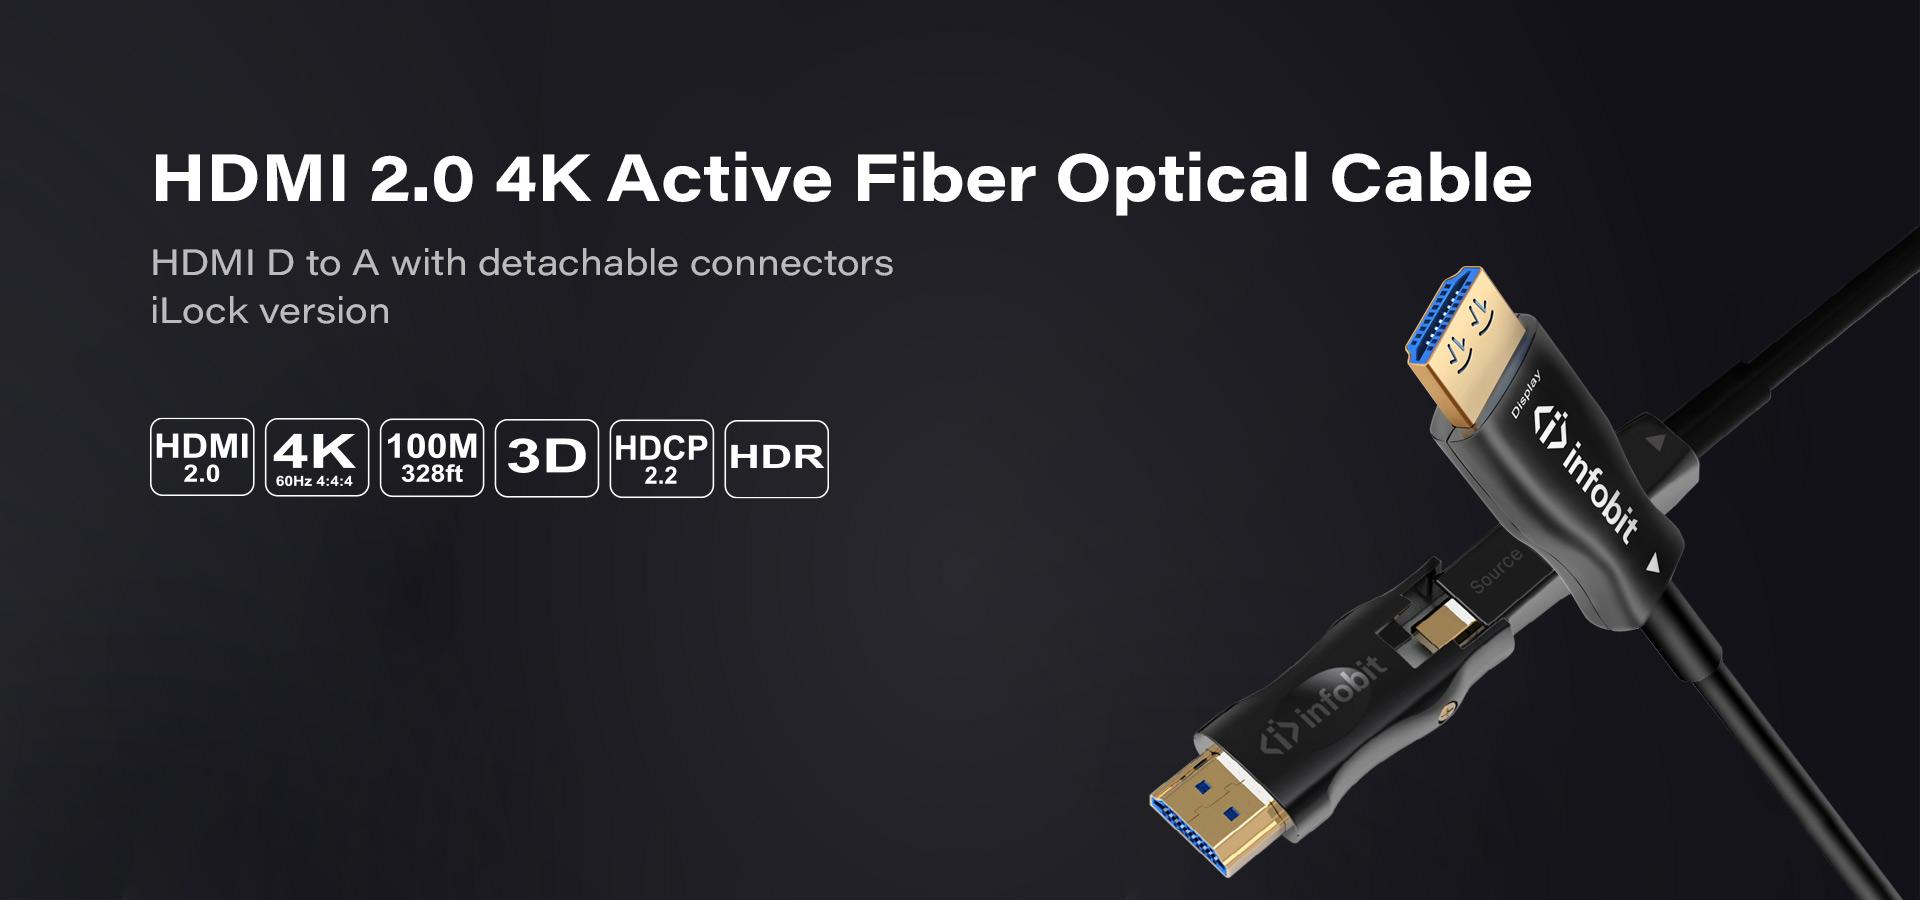 DA: HDMI D to A detachable connectors with iLock version